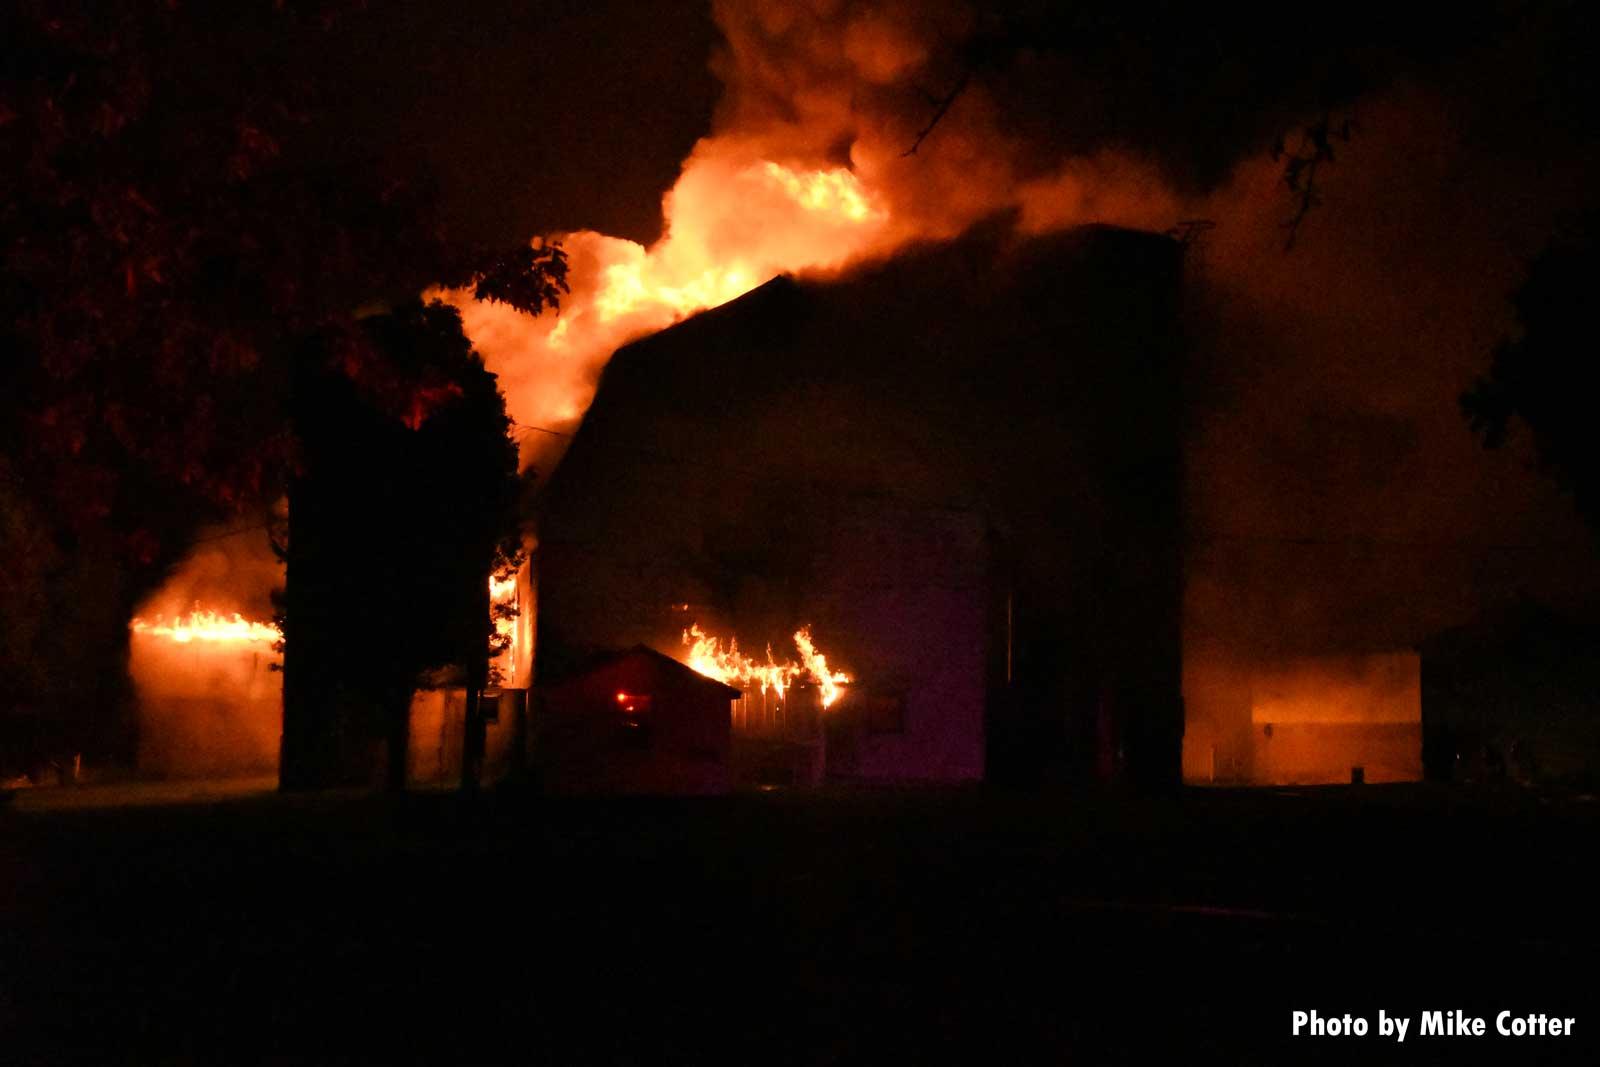 Barn fire in Wisconsin